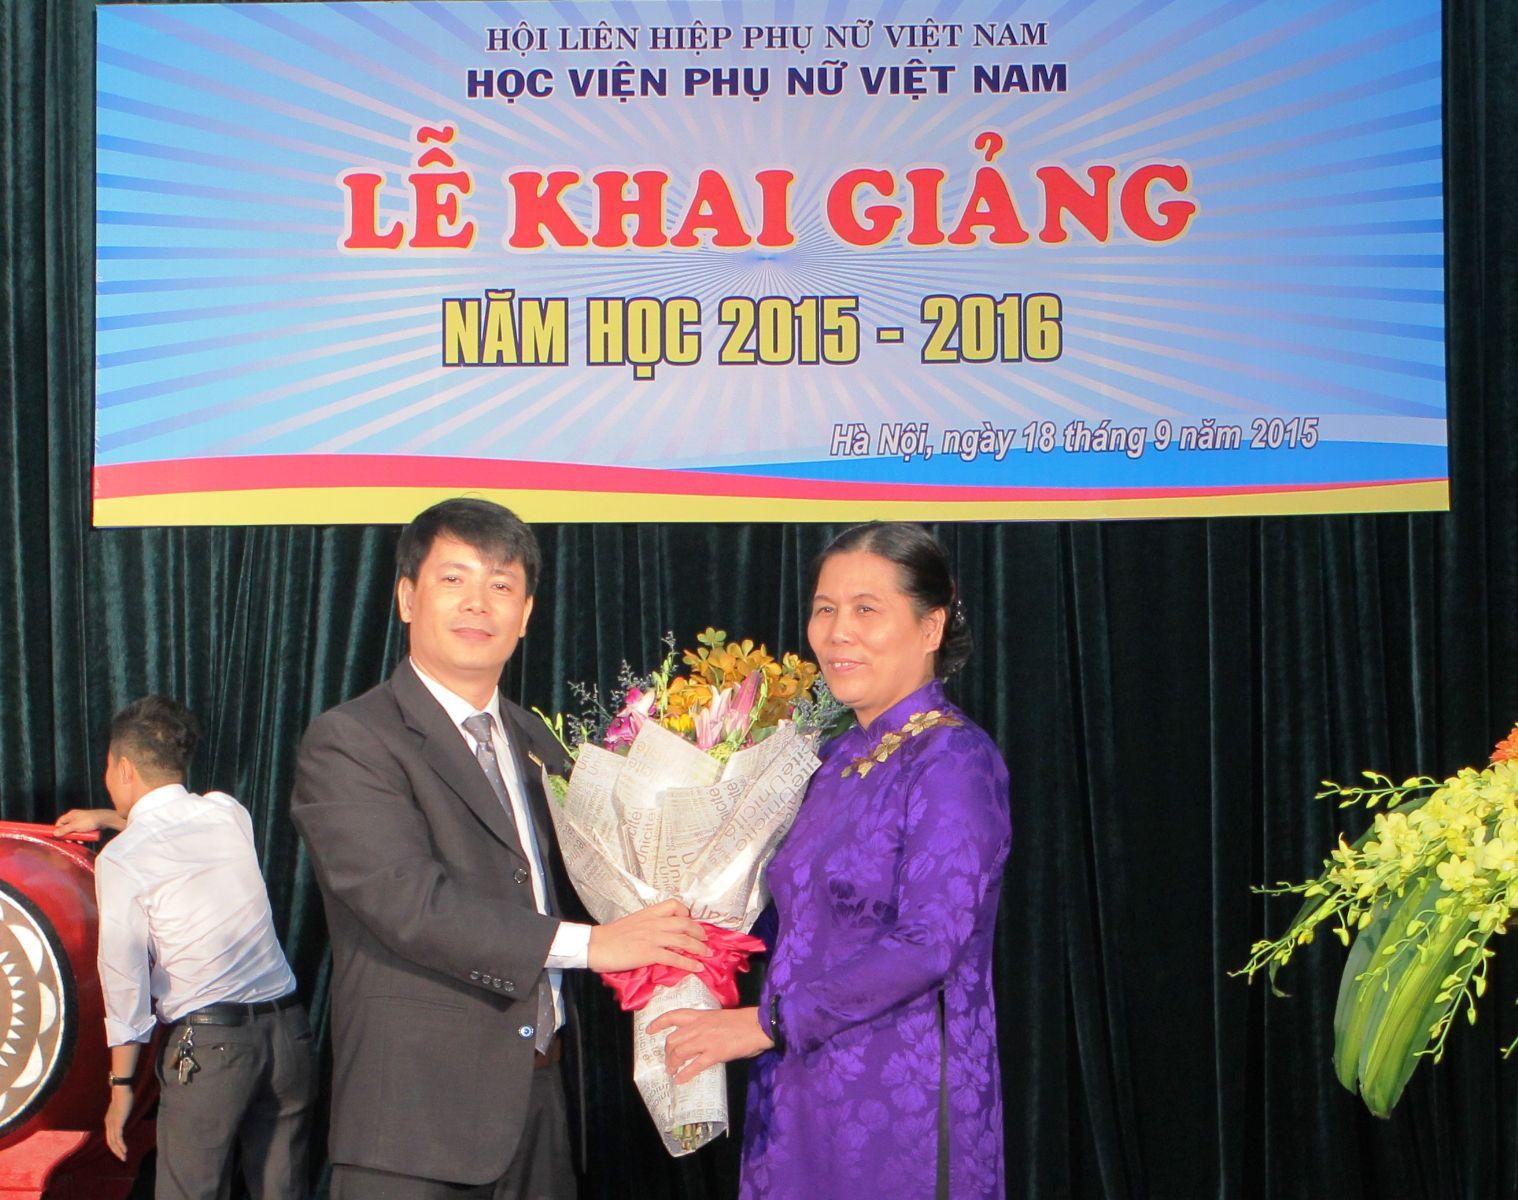 Học viện Phụ nữ Việt Nam tổ chức lễ khai giảng năm học 2015 - 2016